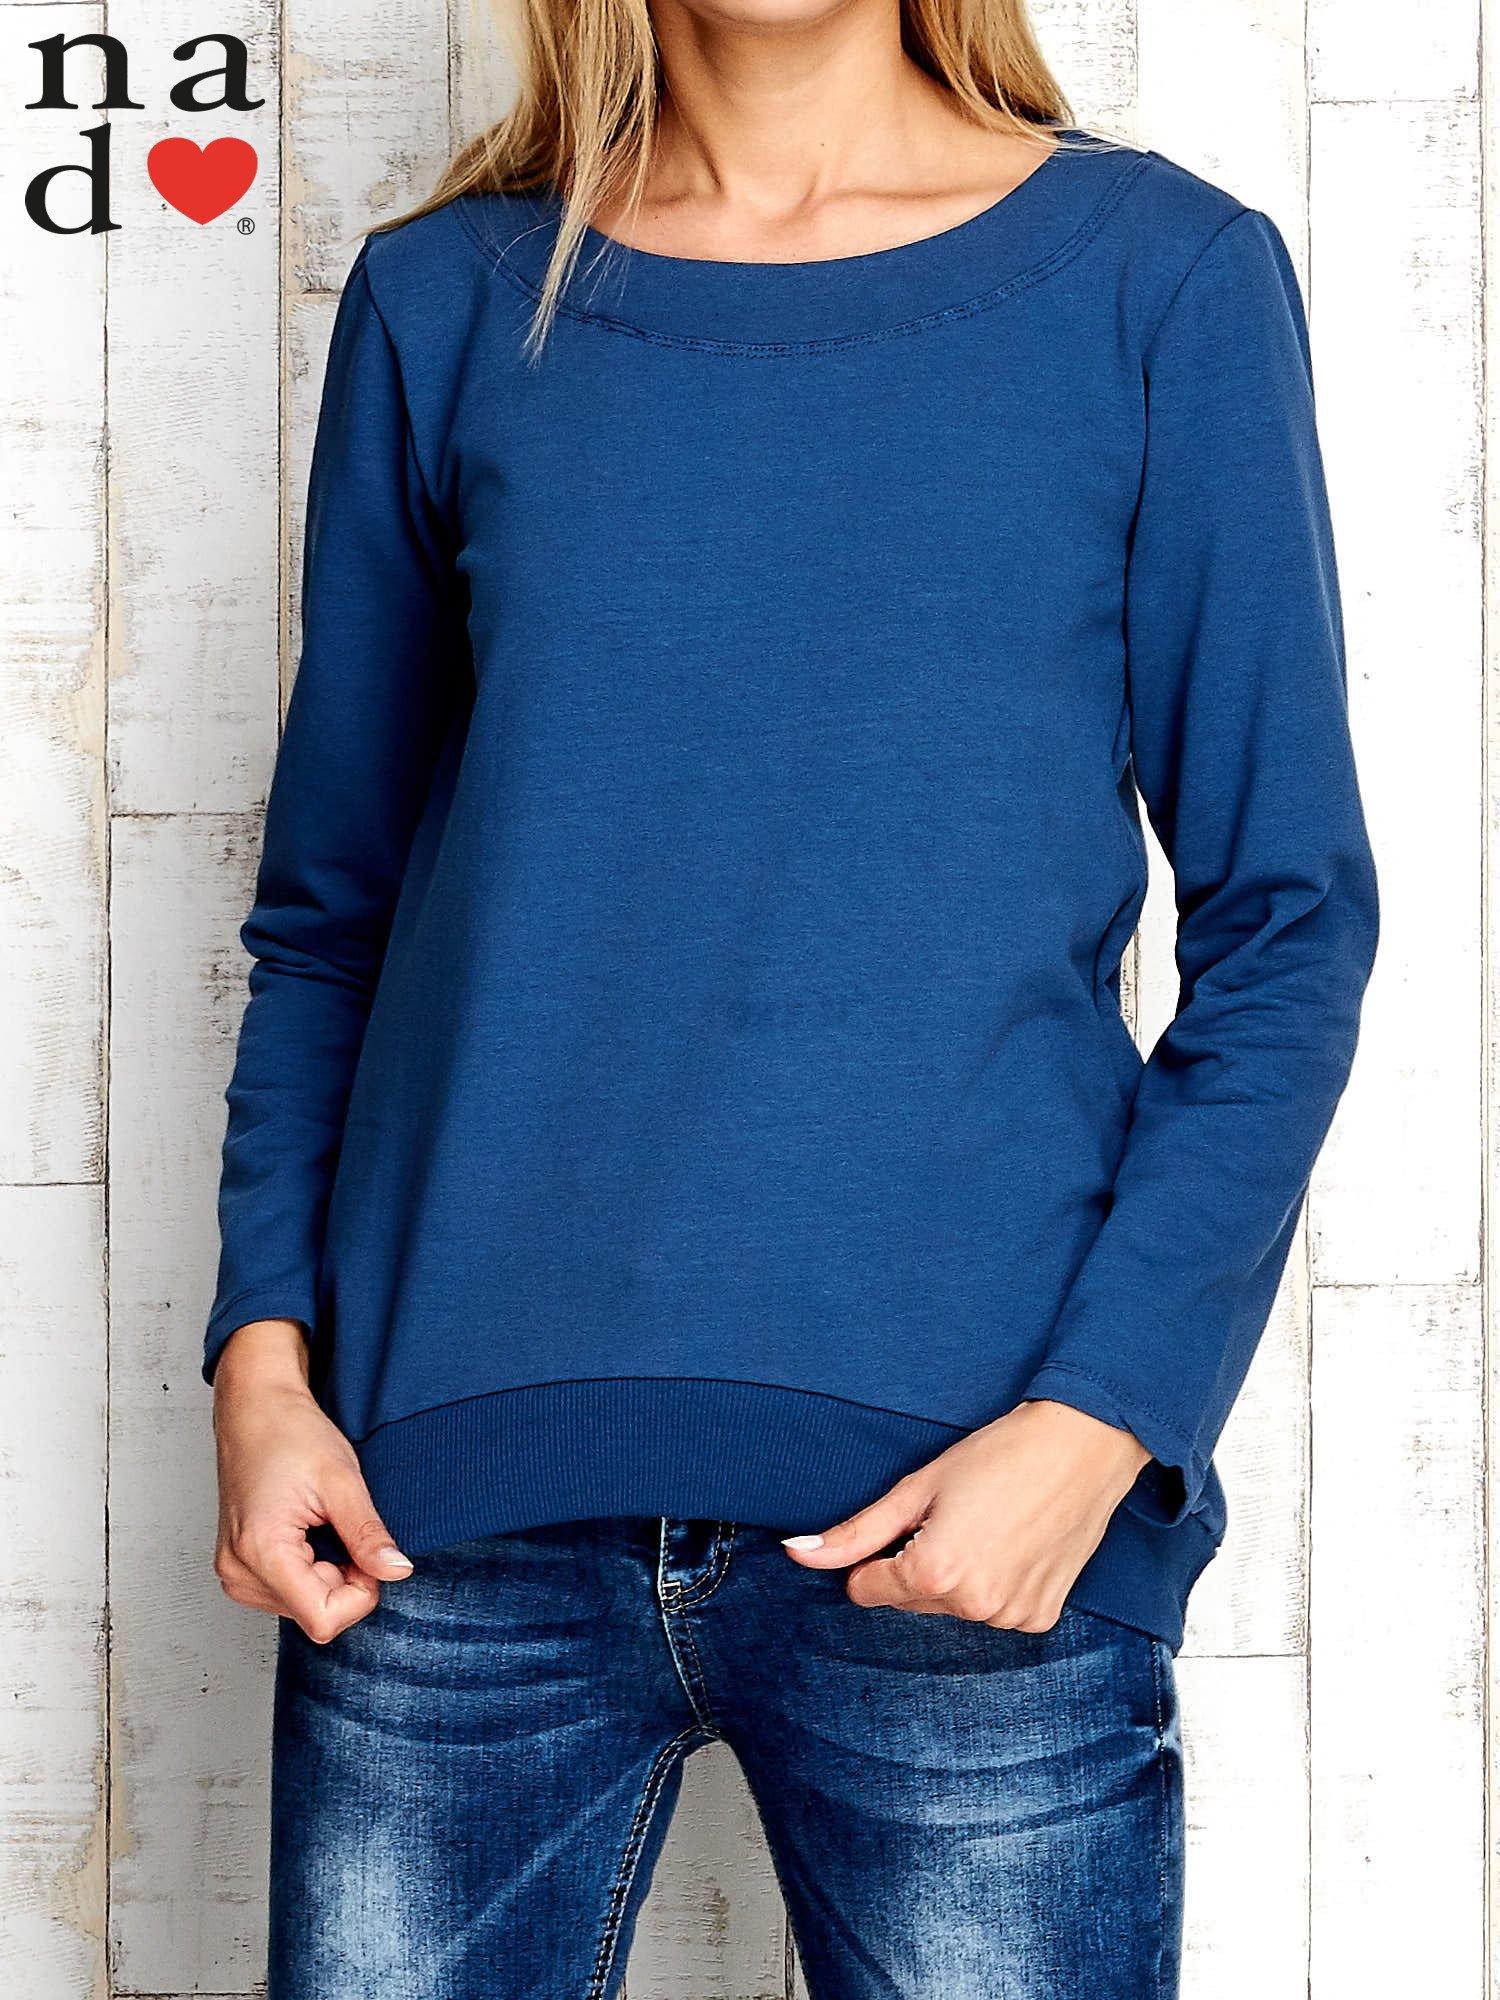 Ciemnoniebieska bluza z dekoltem w łódkę                                  zdj.                                  1